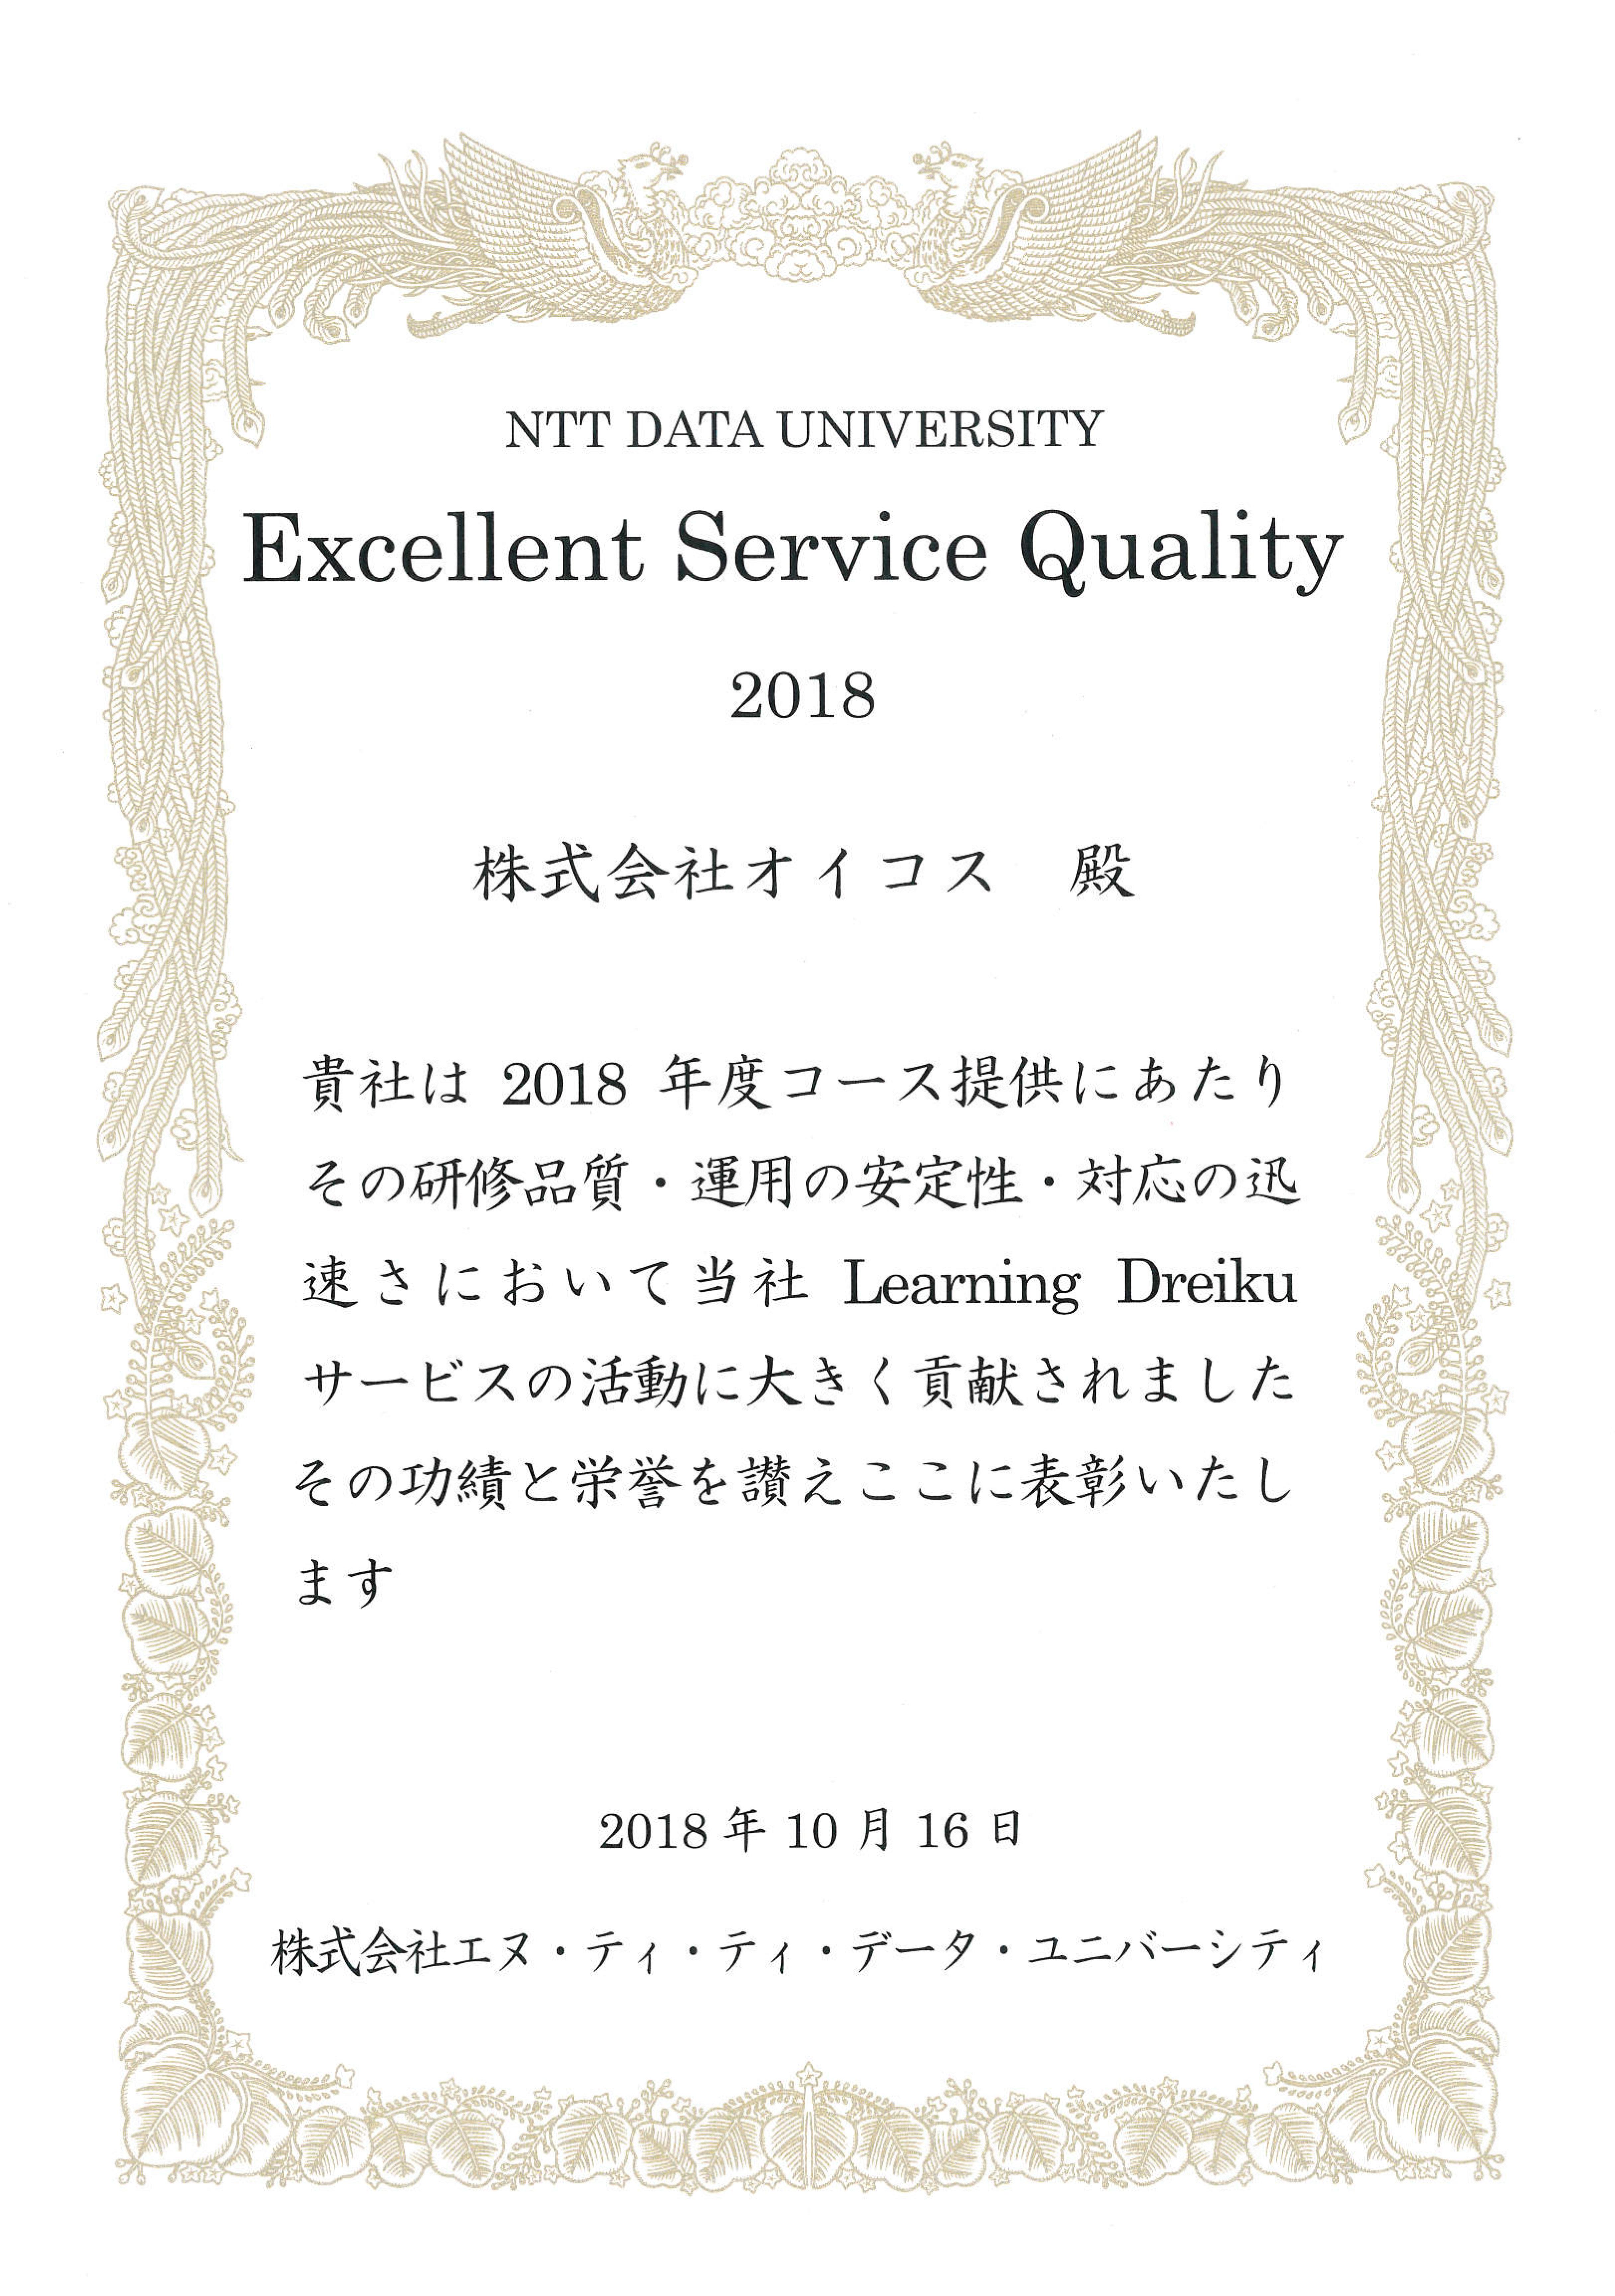 株式会社NTTデータユニバーシティ様「エクセレントサービスクオリティ賞」